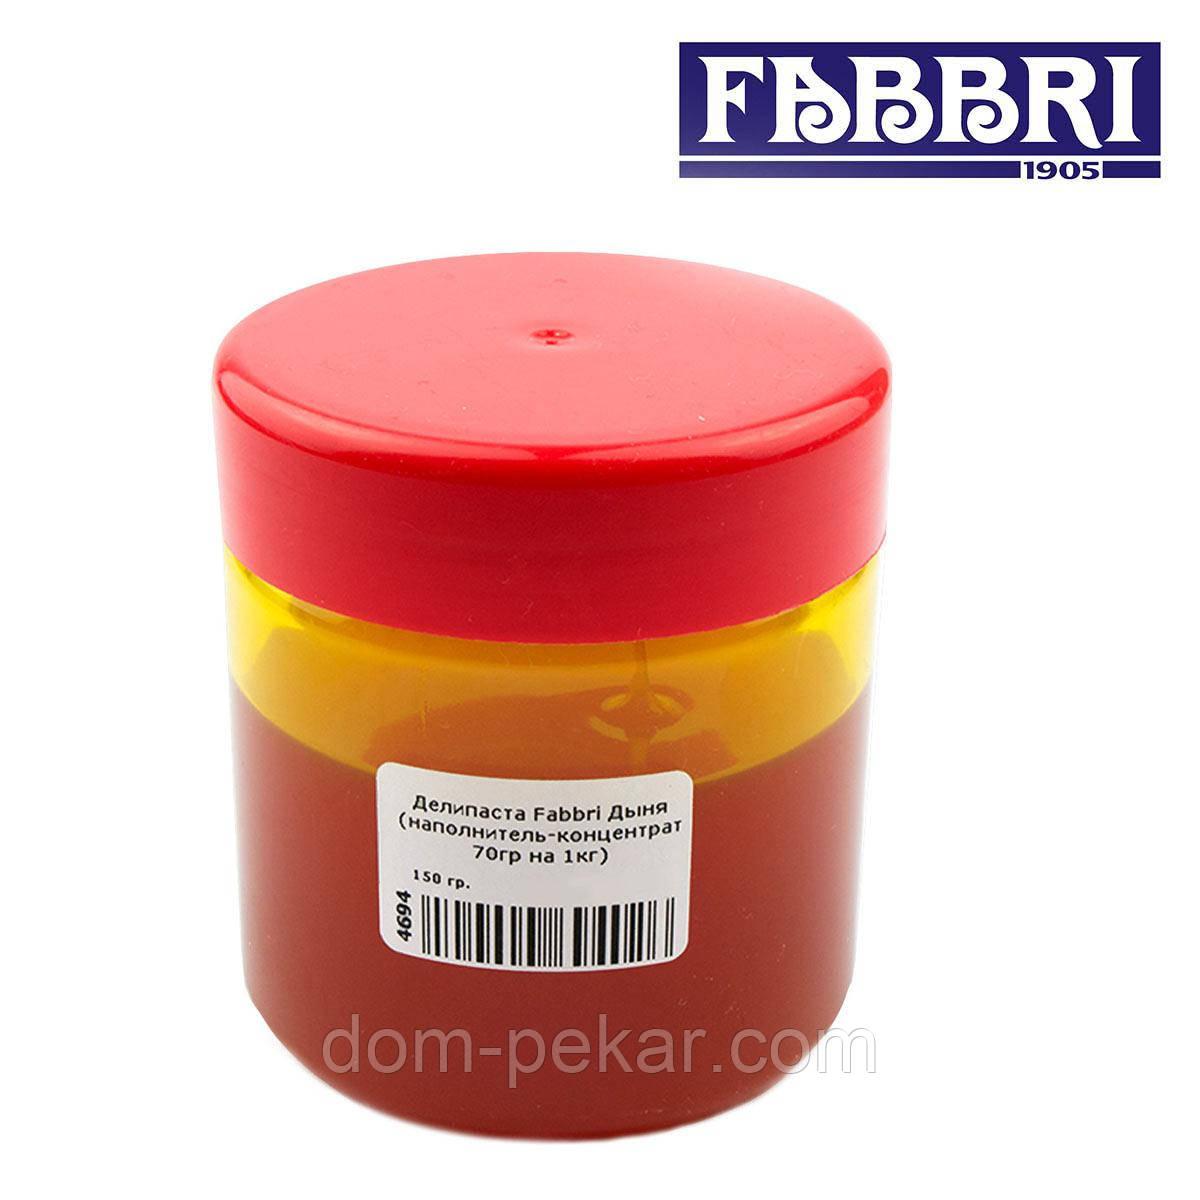 Делипаста Fabbri Дыня (наполнитель-концентрат 70гр на 1кг) (150 гр.)